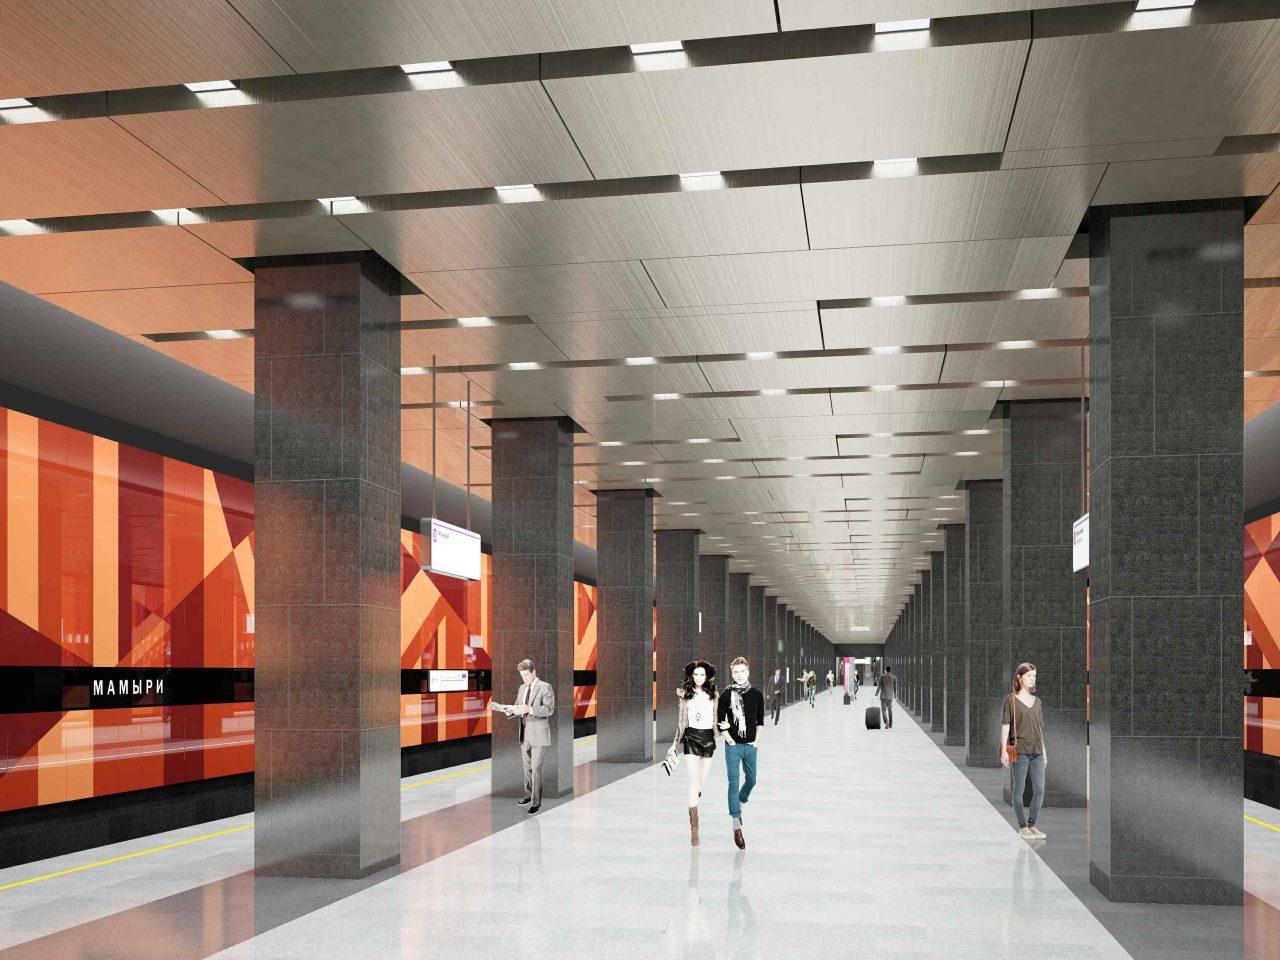 Станцию «Мамыри» Коммунарской линии метро оформят в «осенних» тонах